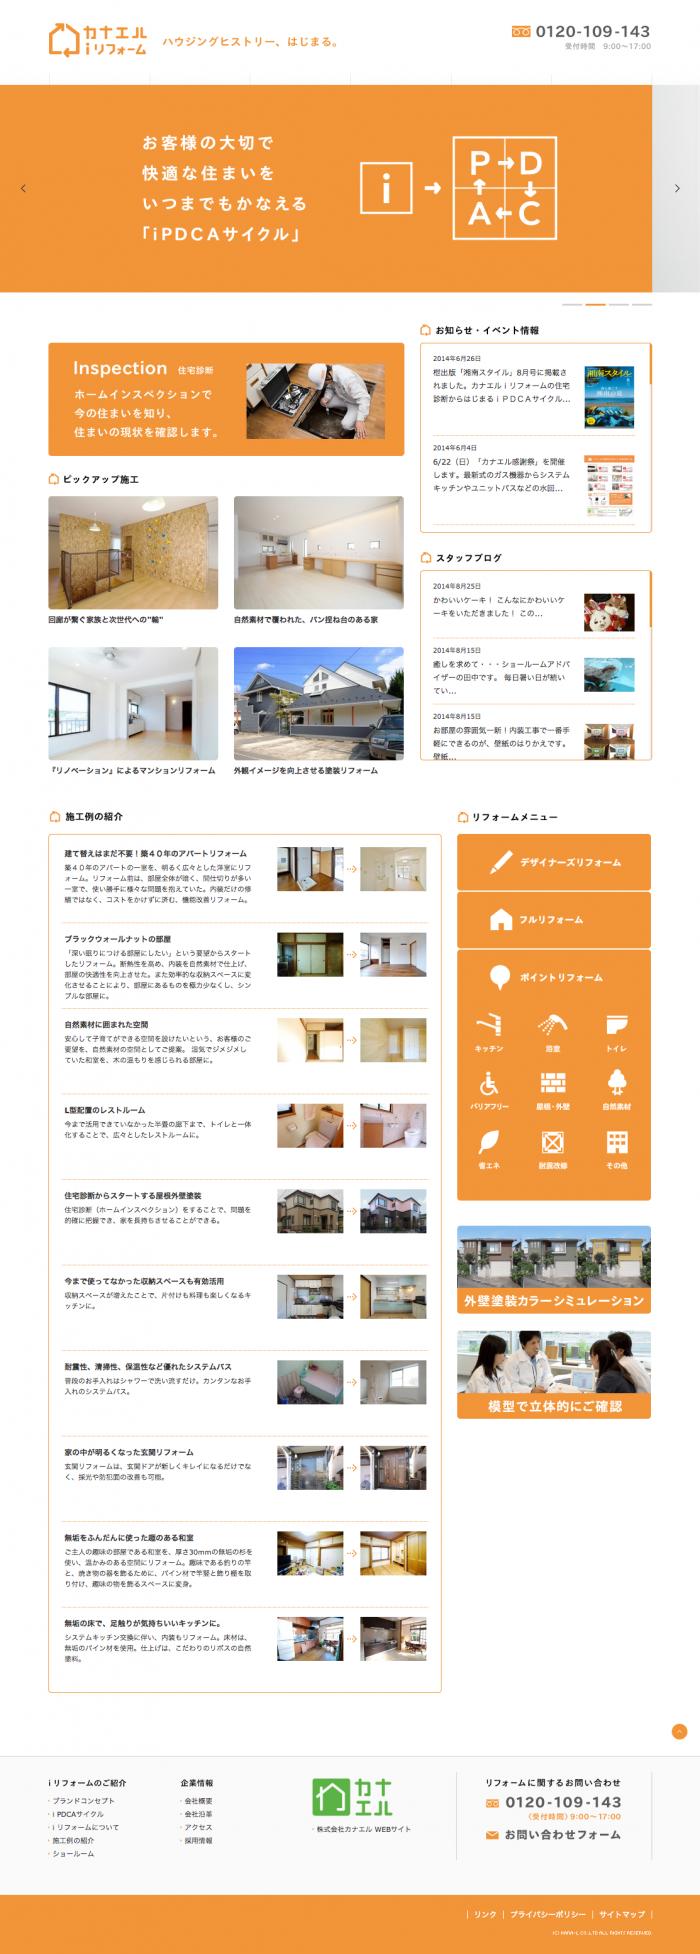 カナエルiリフォーム -横浜市のリフォーム会社- のコピー